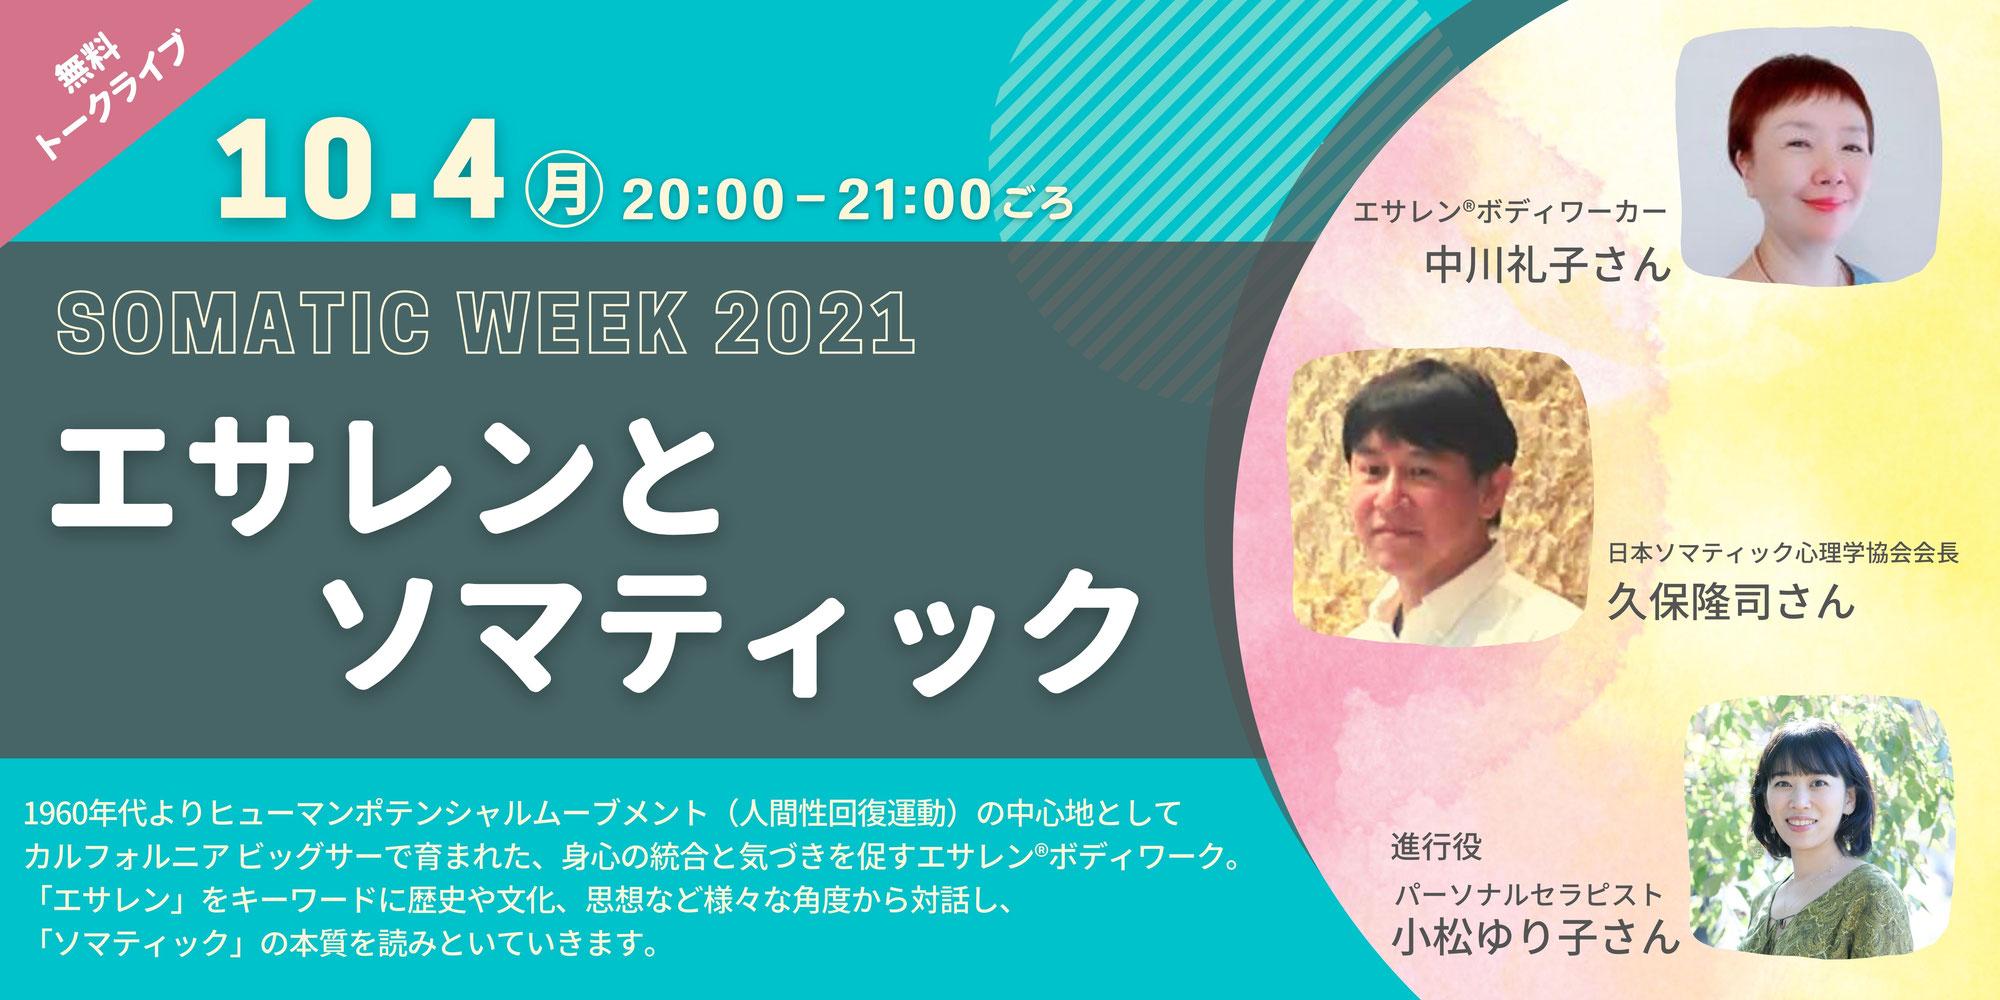 【10/4月】エサレン(人間性回復運動)とソマティック